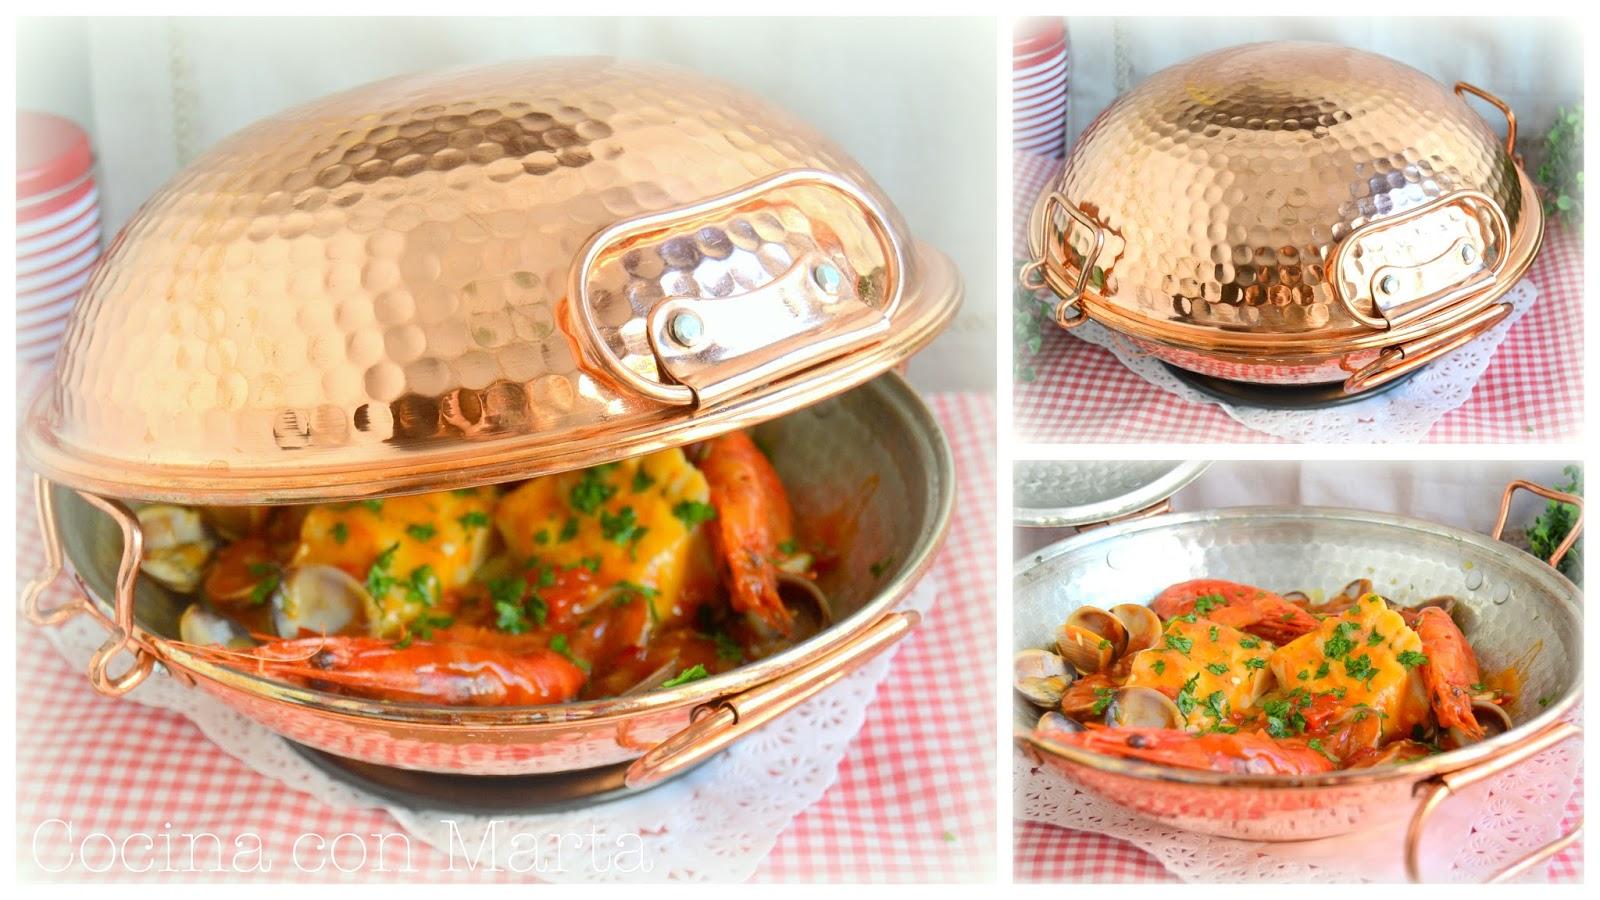 Cataplana de bacalao con almejas, carabineros y salsa marinera. Receta especial para Navidad, fiestas. Fácil, rápido y casero.